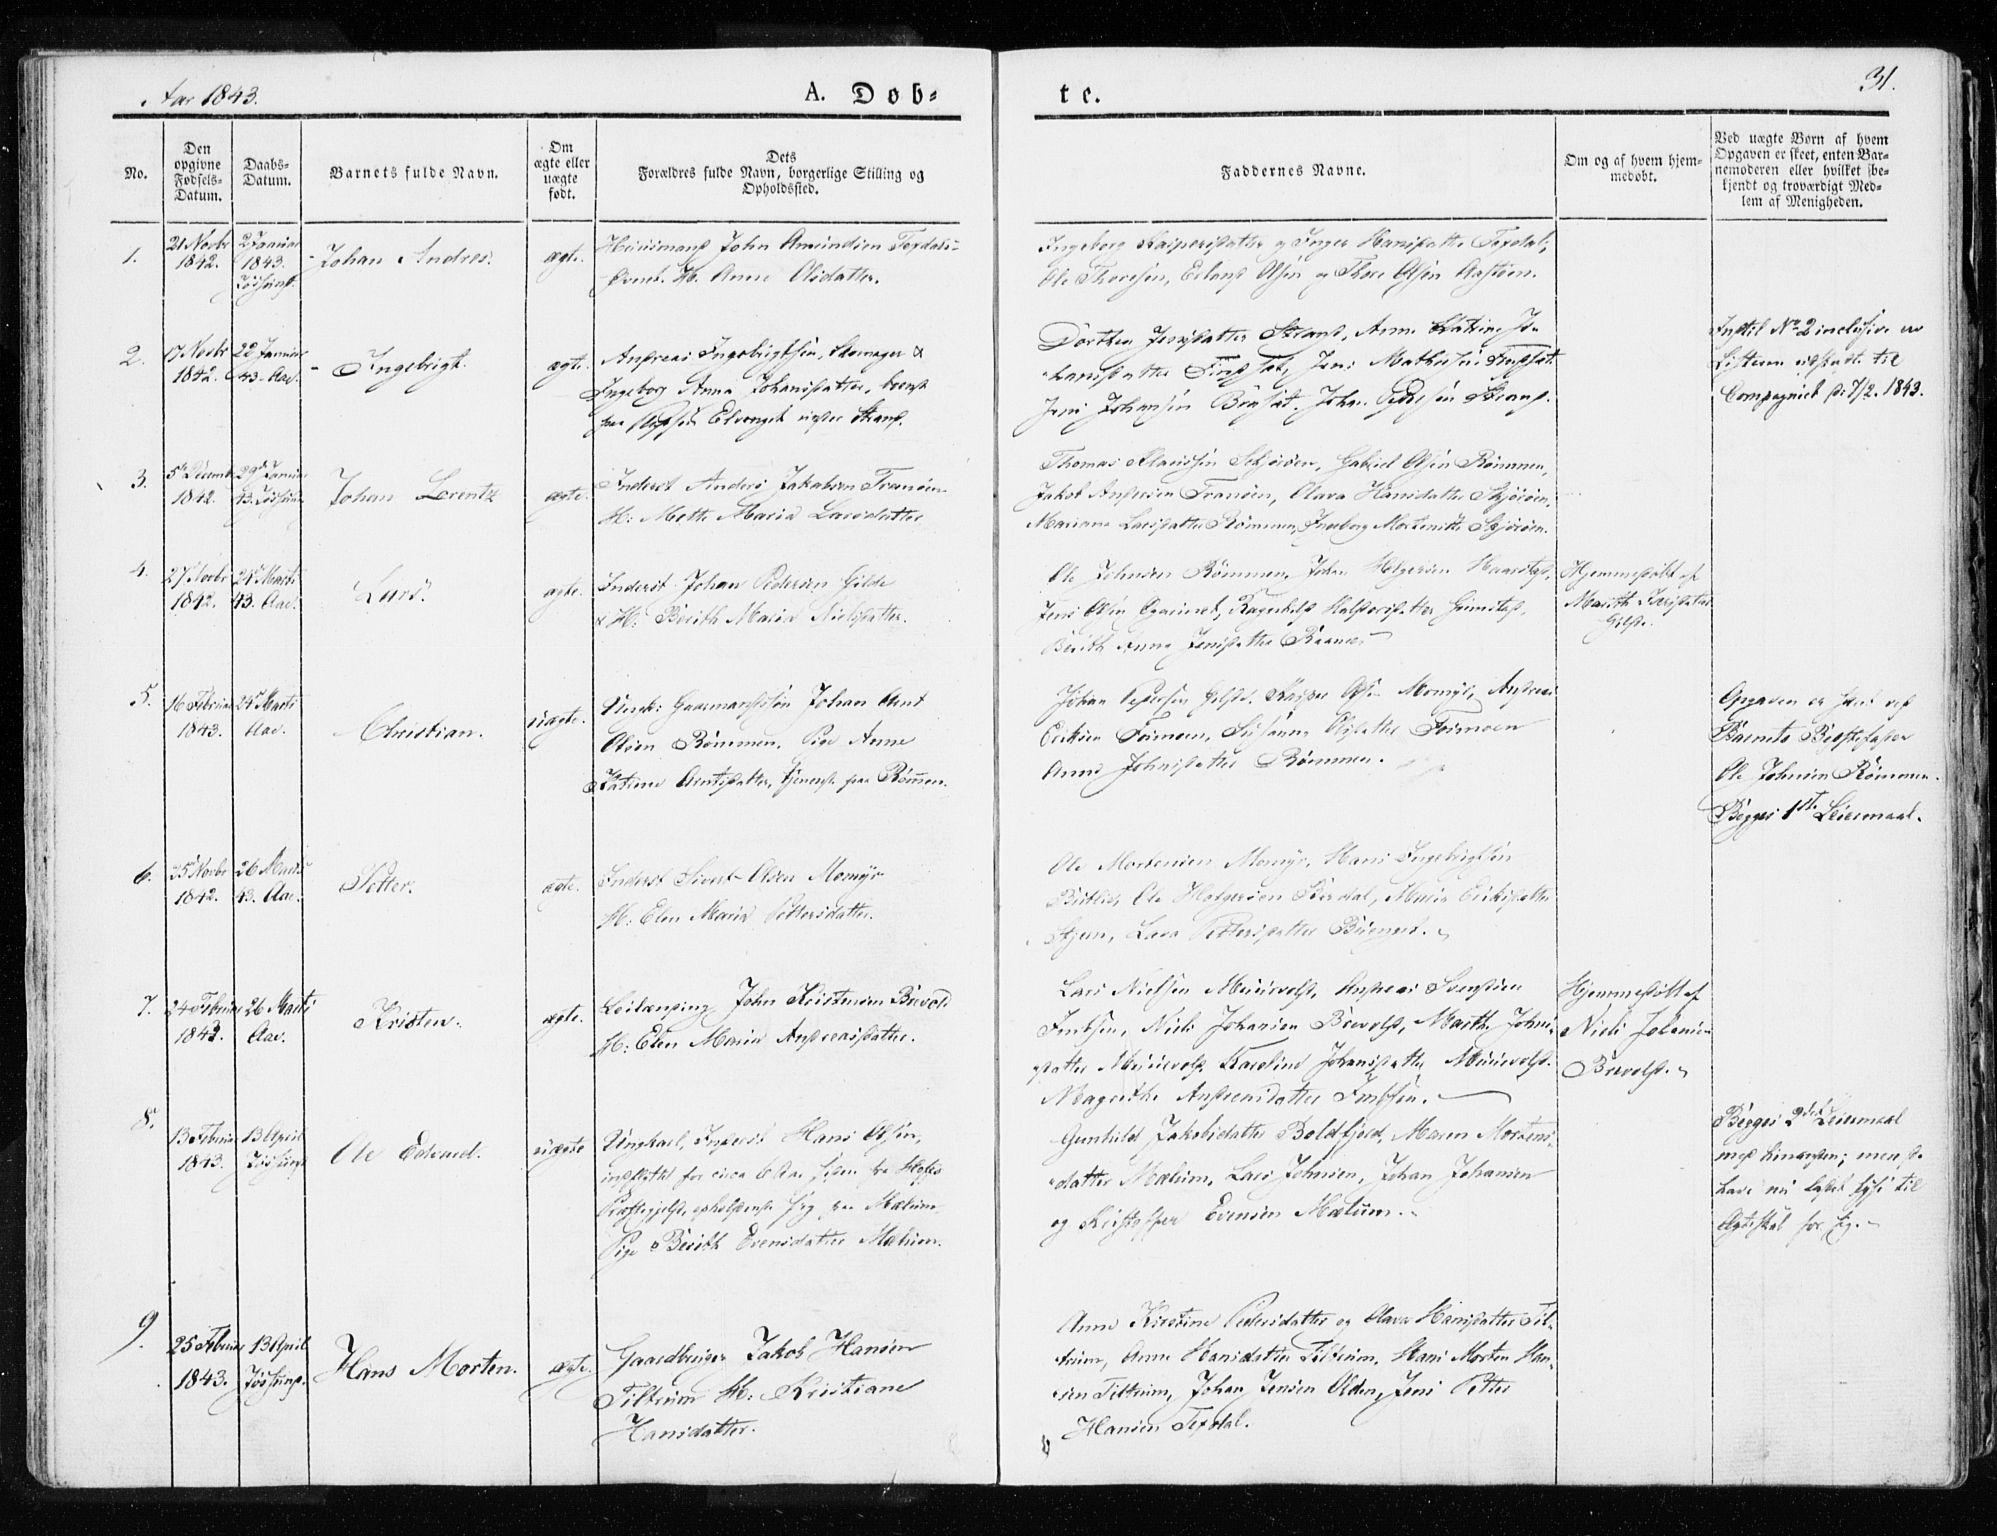 SAT, Ministerialprotokoller, klokkerbøker og fødselsregistre - Sør-Trøndelag, 655/L0676: Ministerialbok nr. 655A05, 1830-1847, s. 31